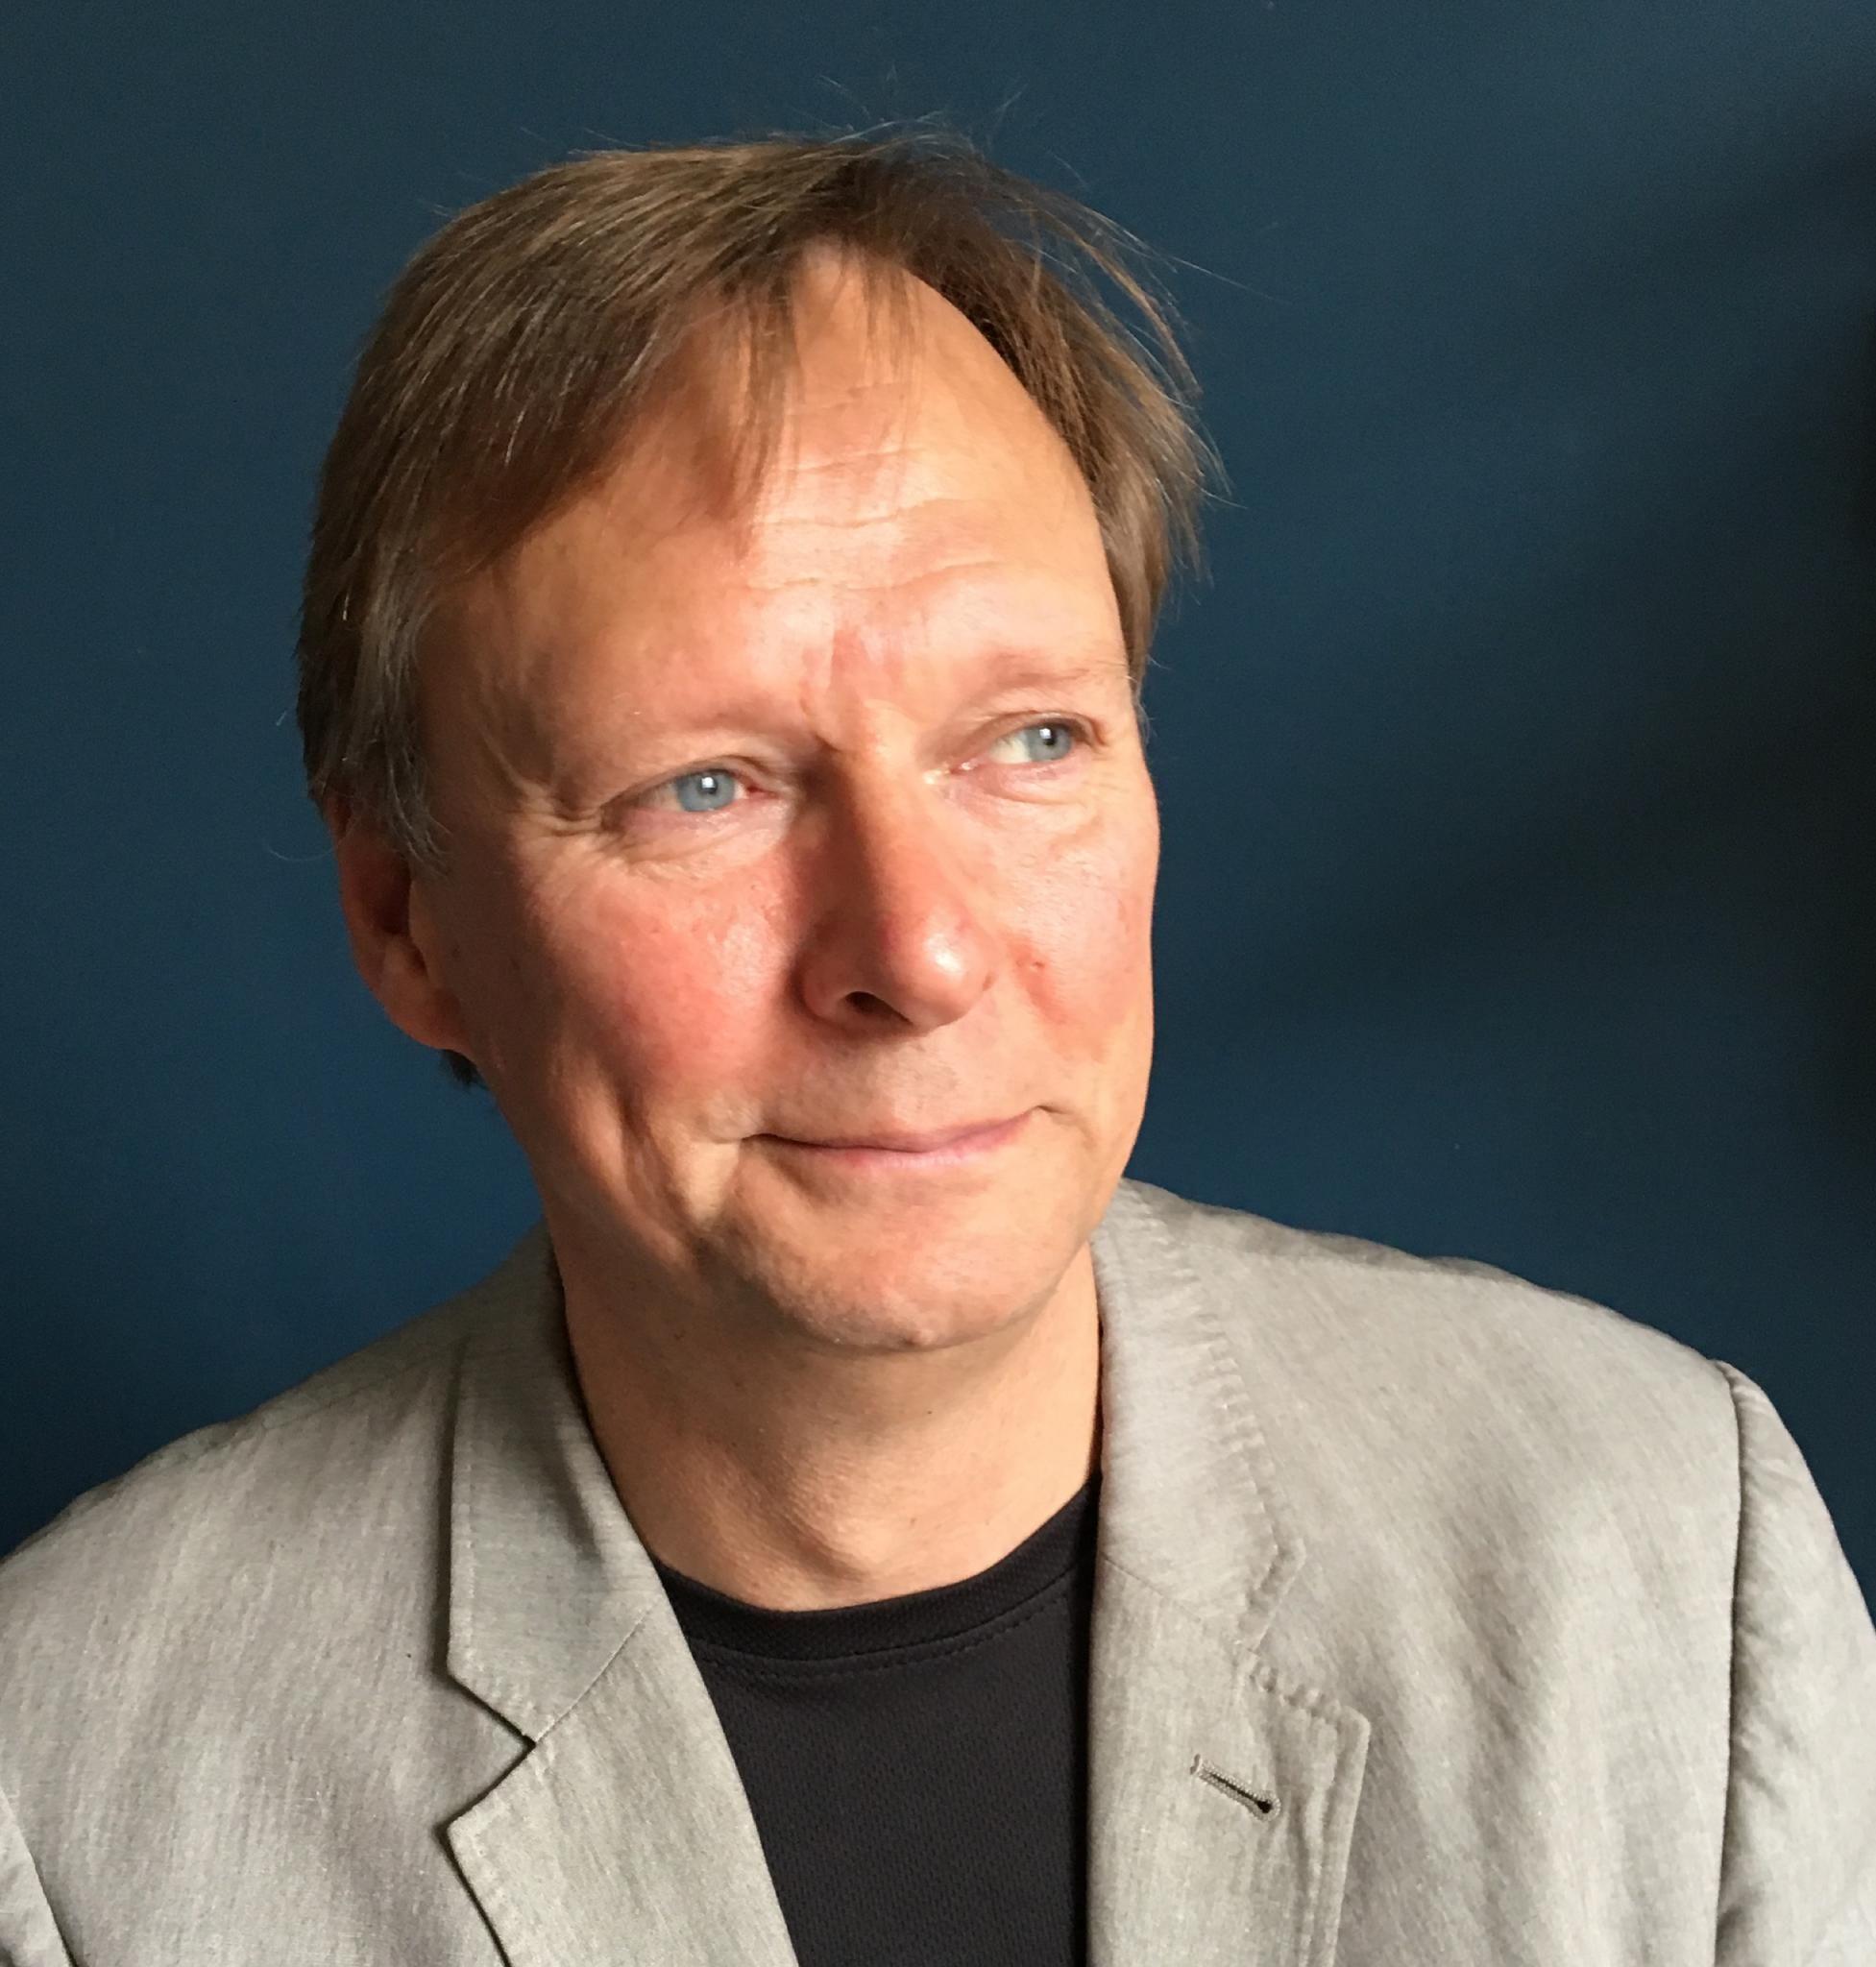 Alan Banks